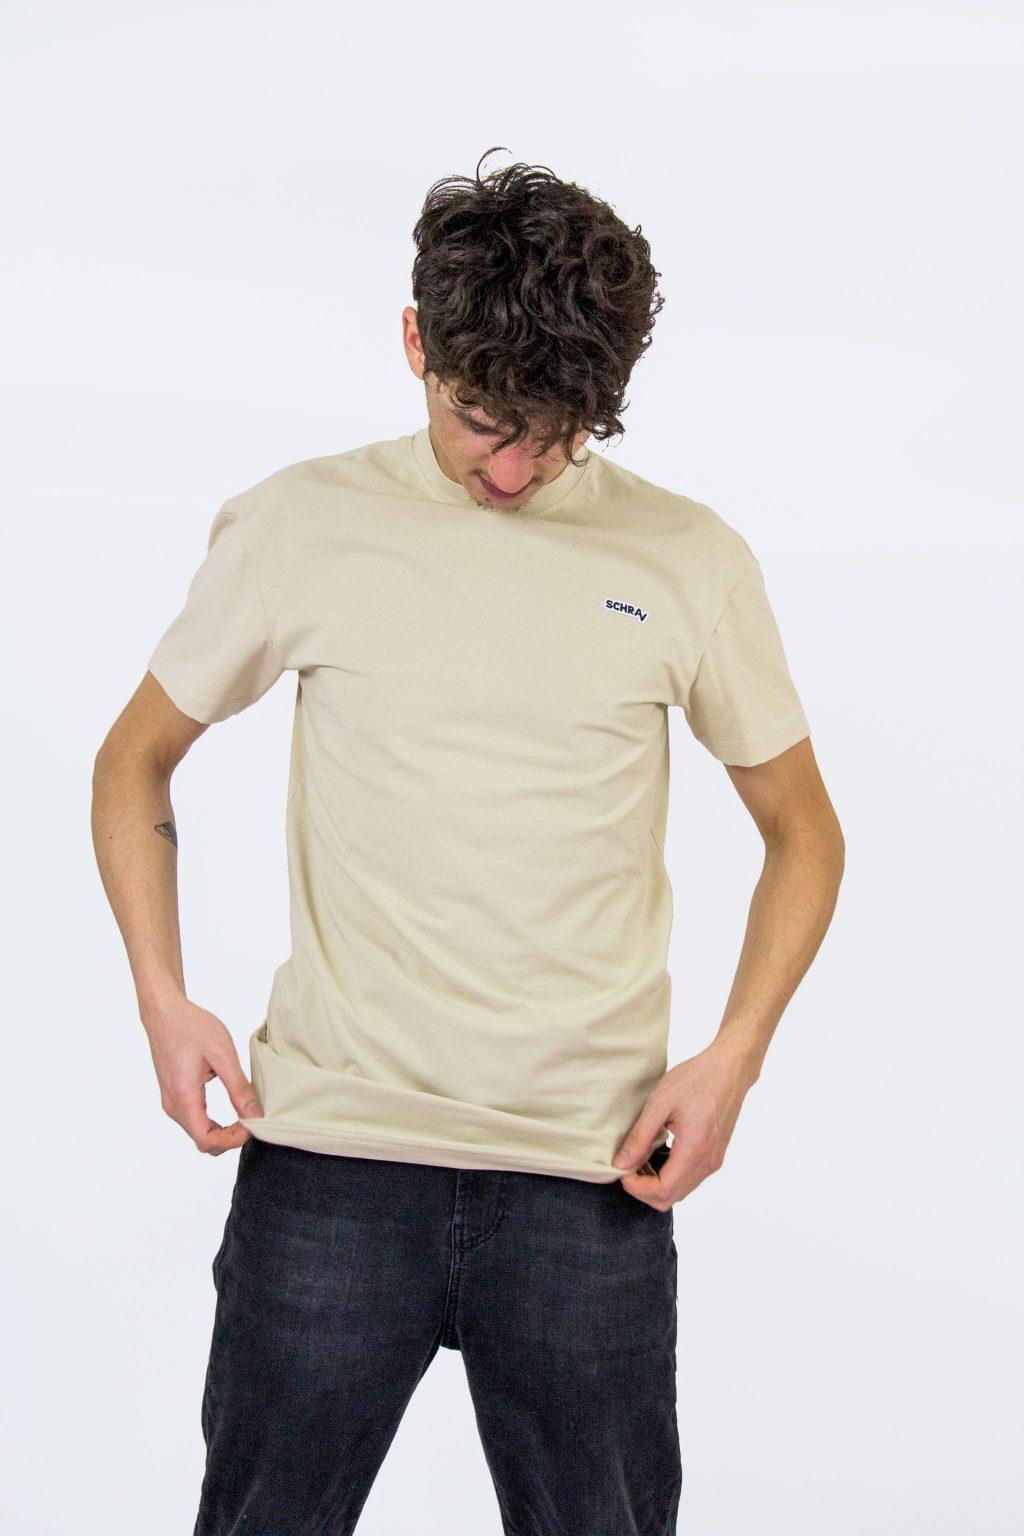 Fit_Creme_tshirt